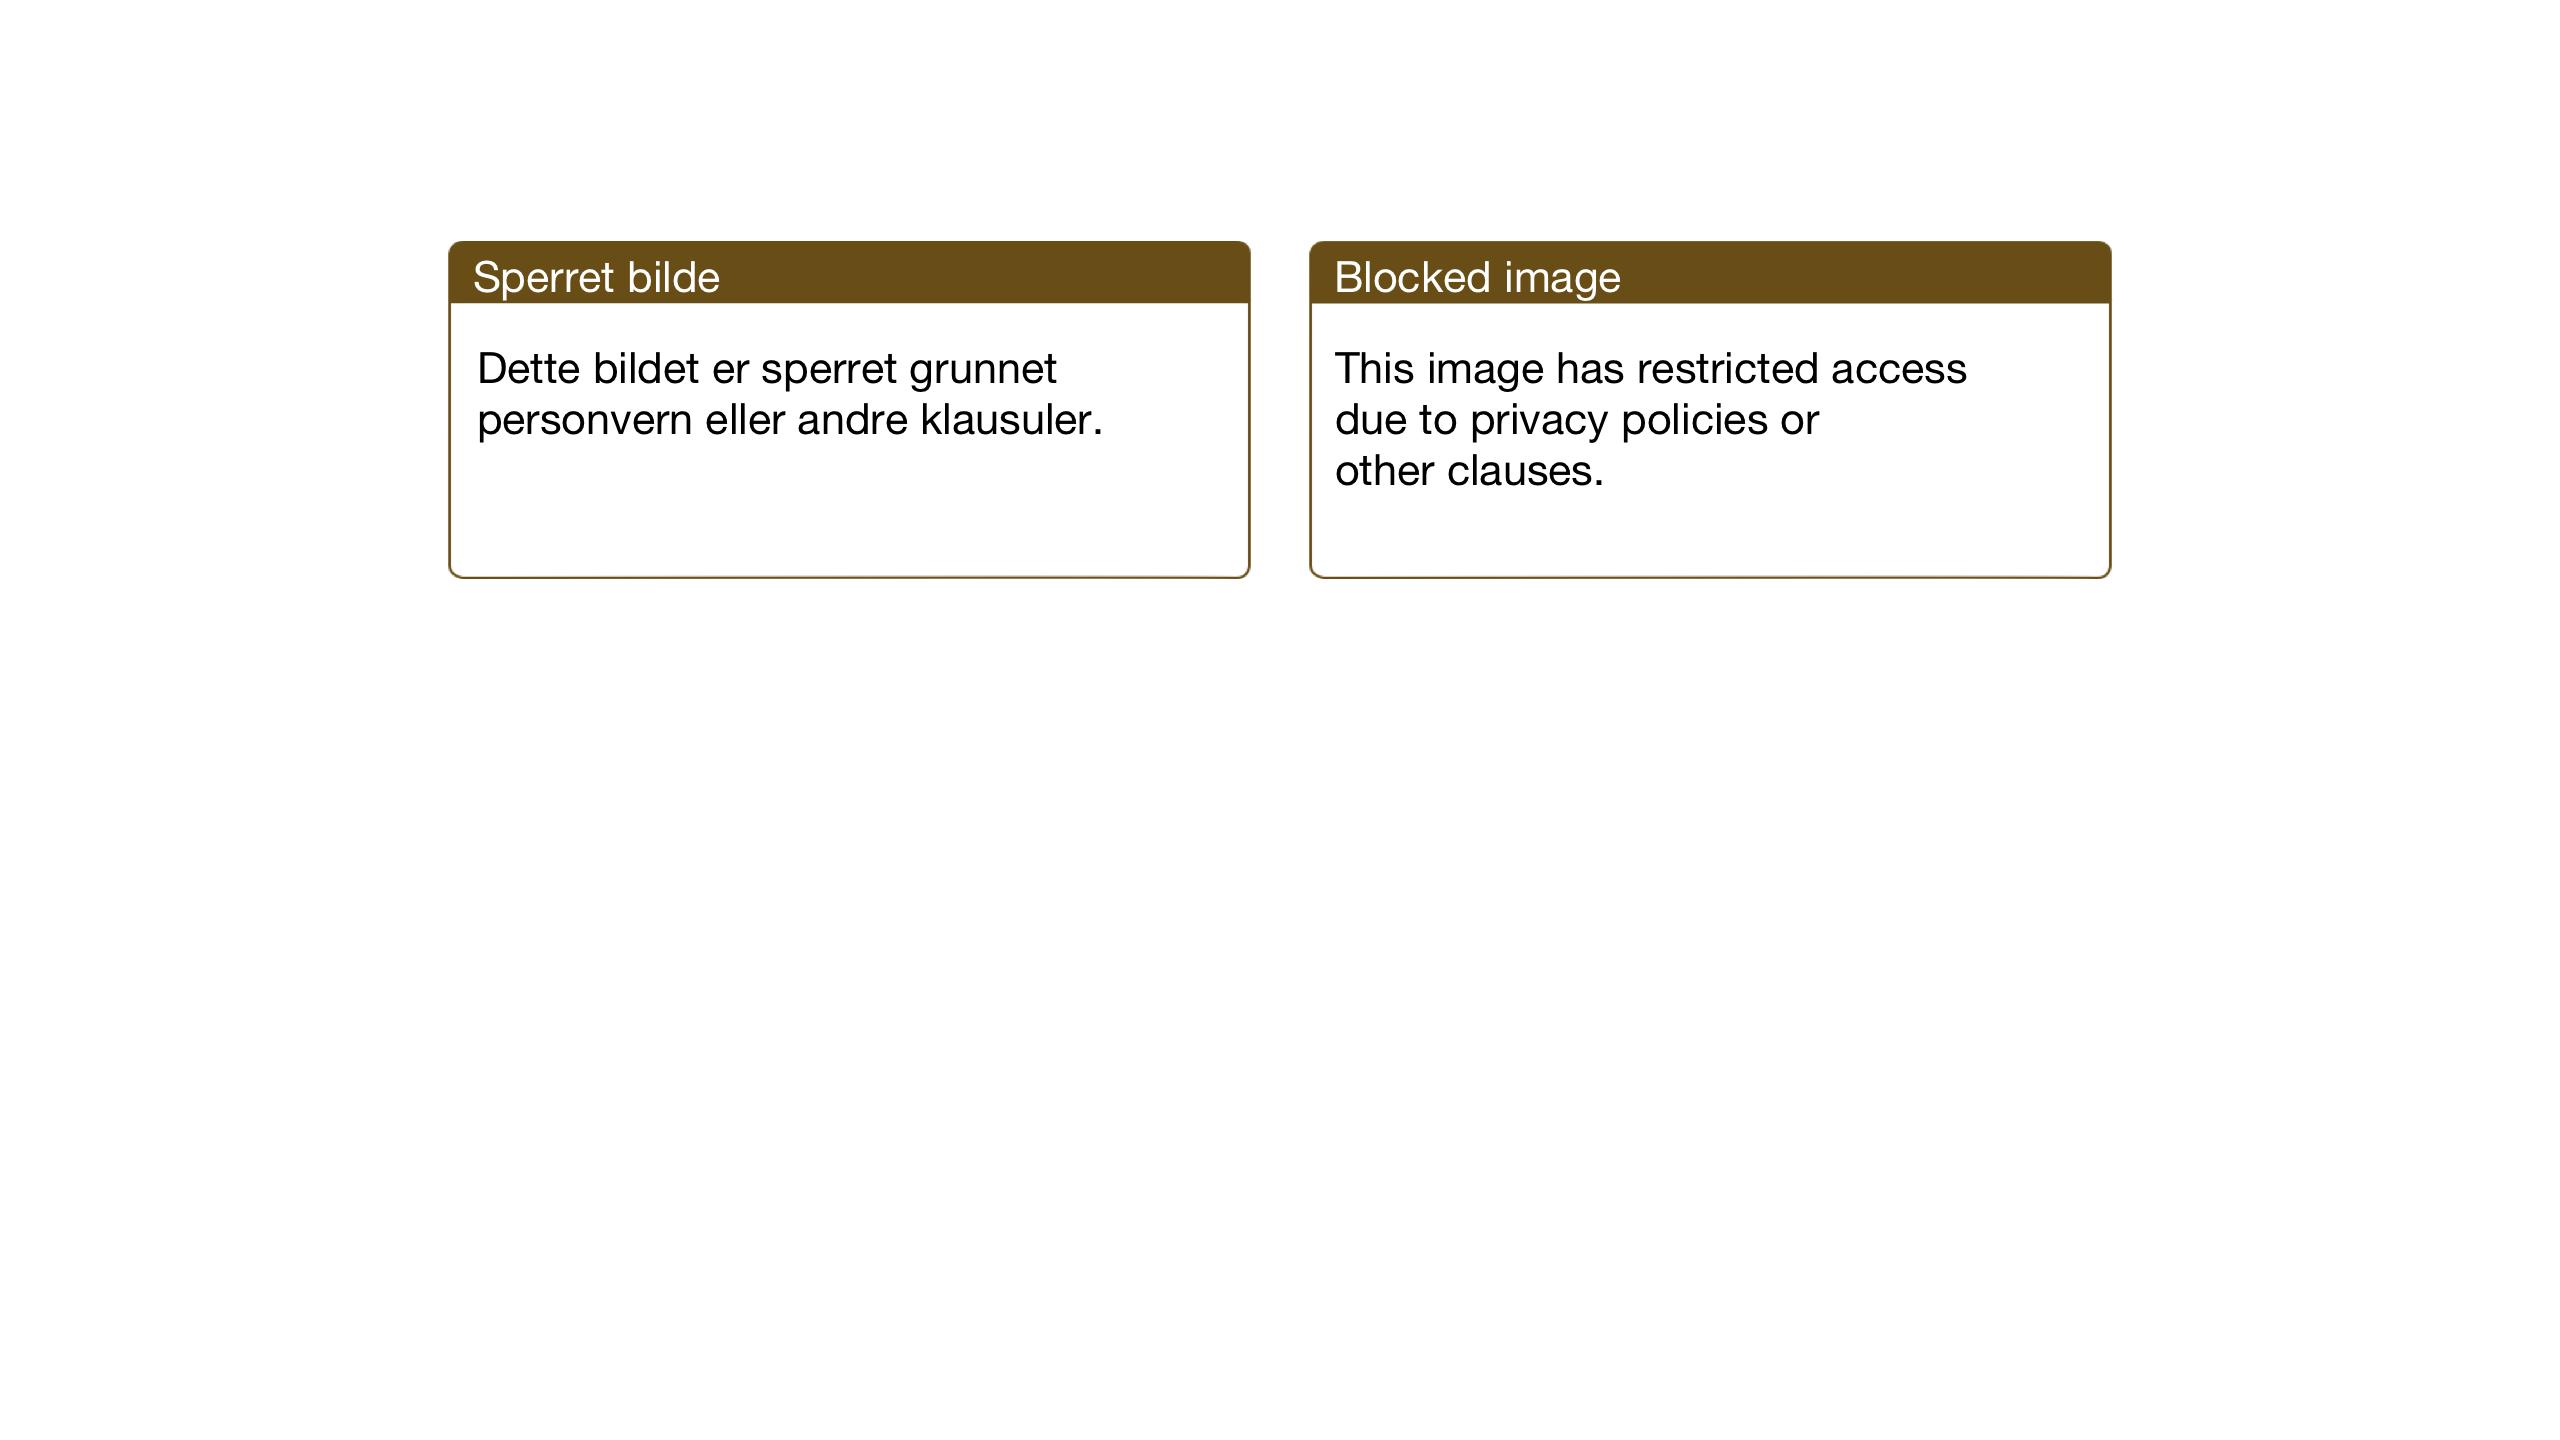 SAT, Ministerialprotokoller, klokkerbøker og fødselsregistre - Nord-Trøndelag, 770/L0592: Klokkerbok nr. 770C03, 1941-1950, s. 83